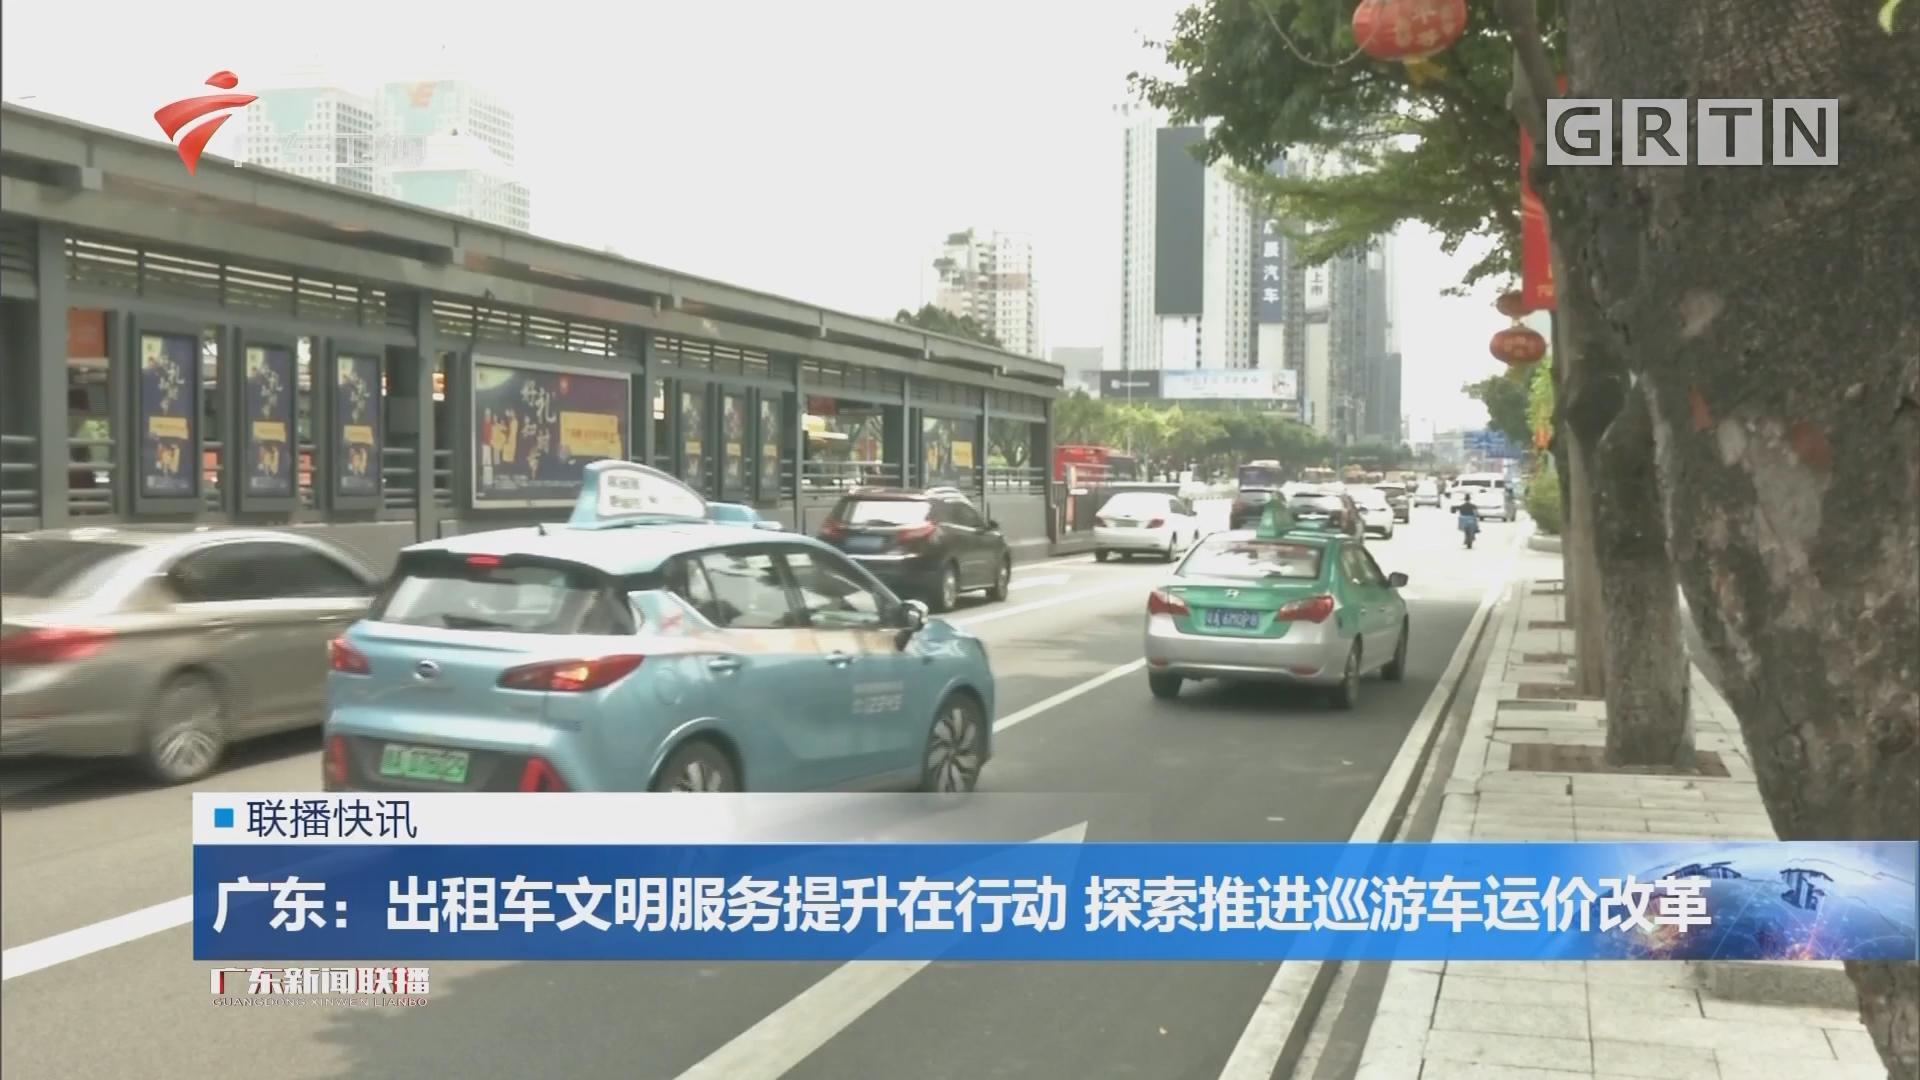 广东:出租车文明服务提升在行动 探索推进巡游车运价改革